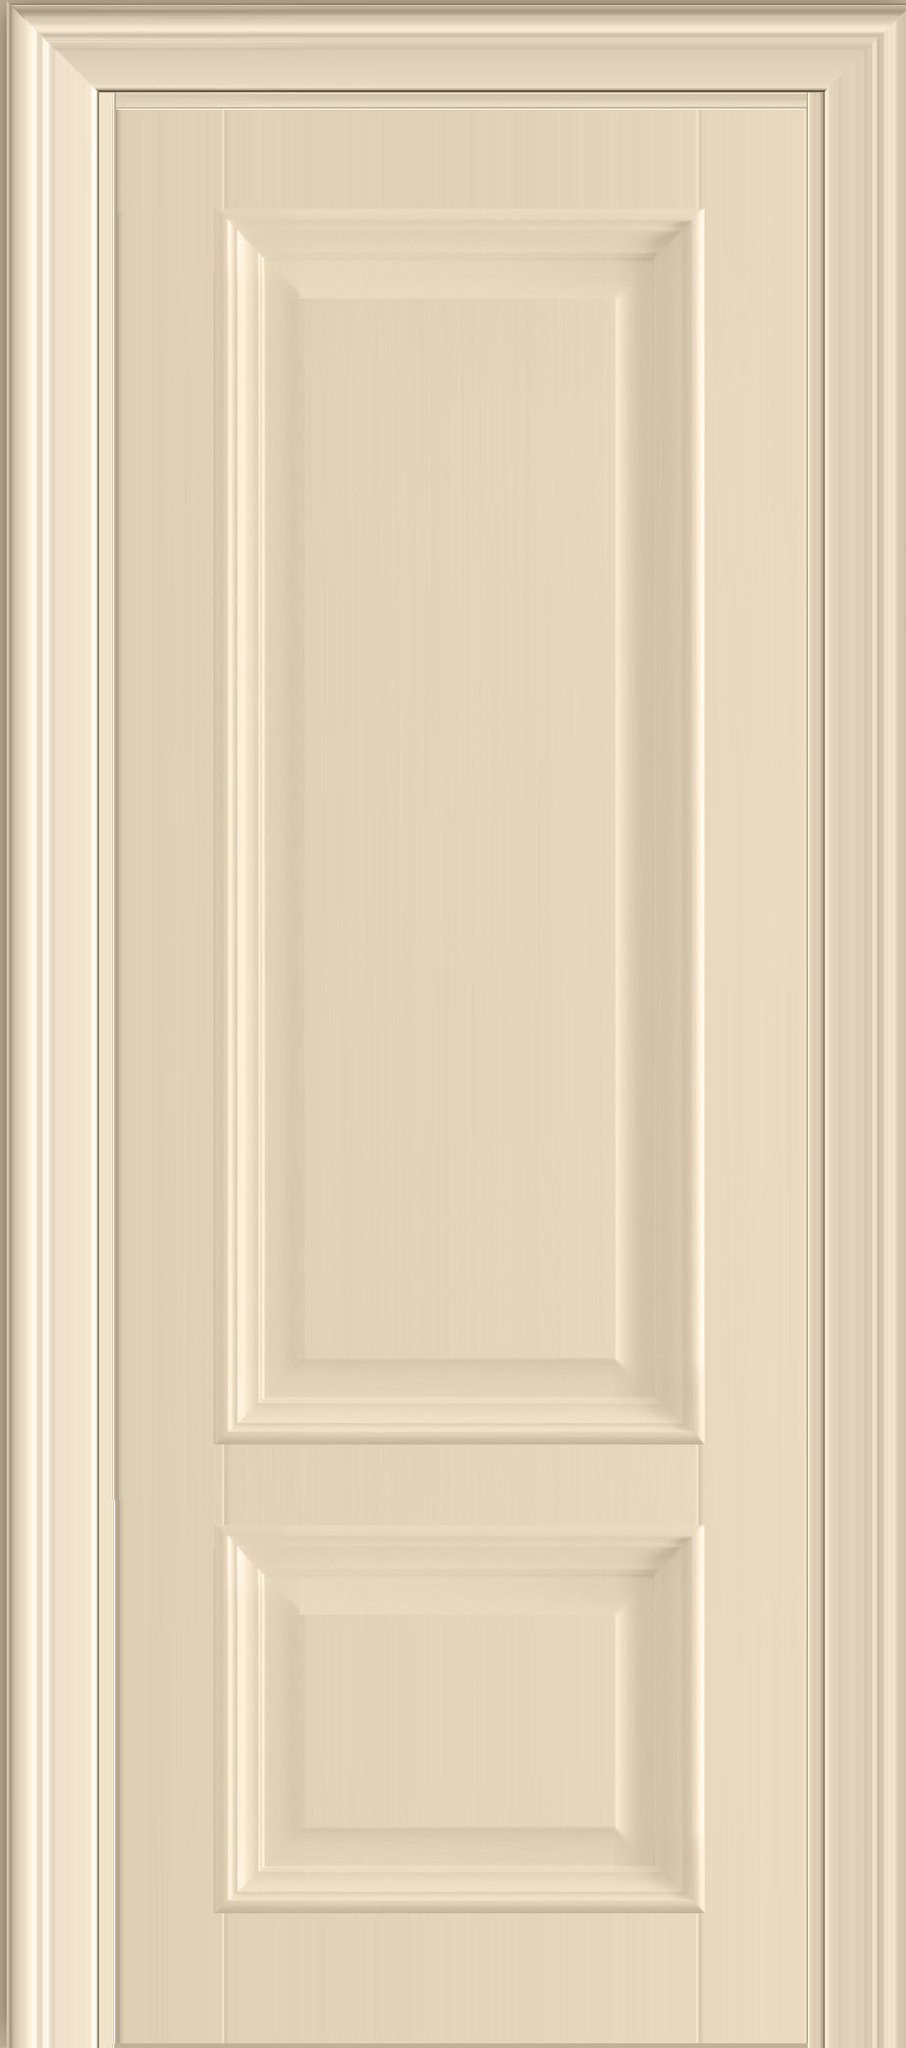 Межкомнатная дверь Nica 12.21 глухая